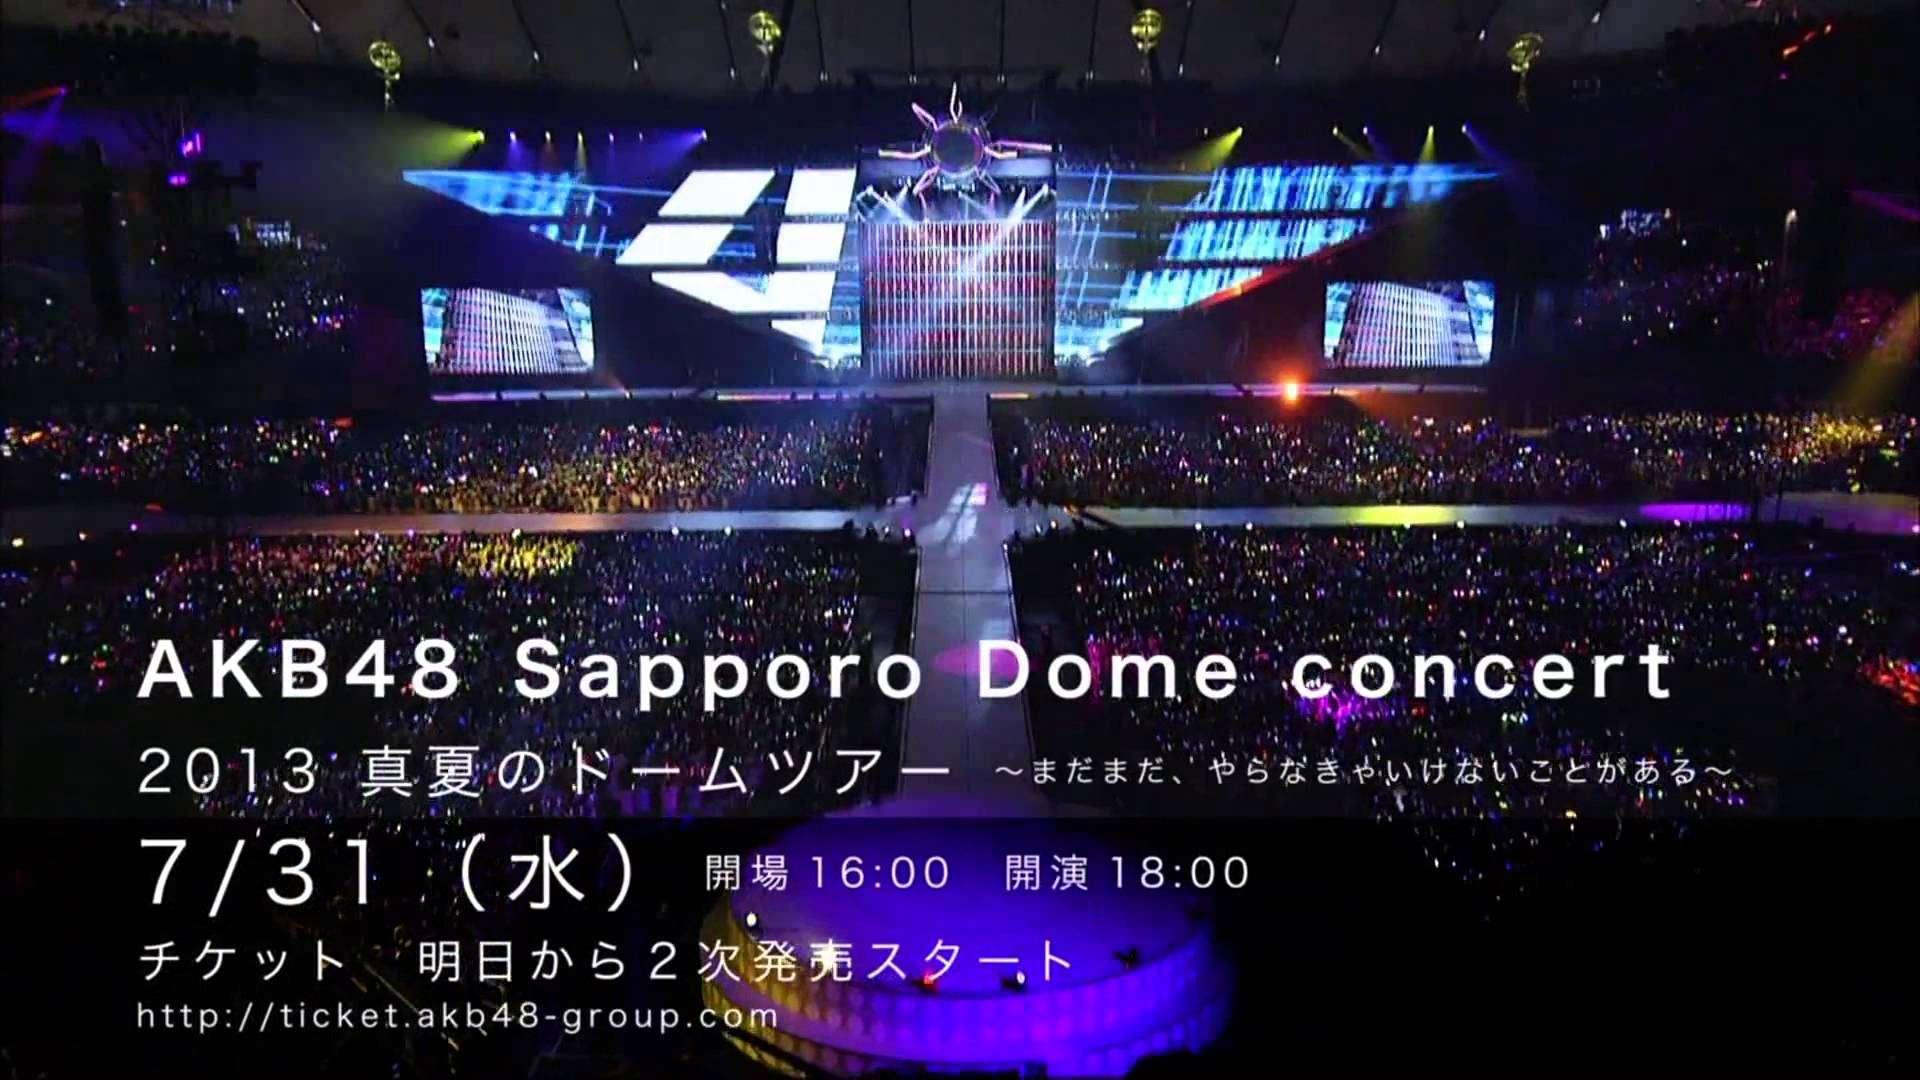 AKB48 札幌ドームコンサート  SPR48 - YouTube